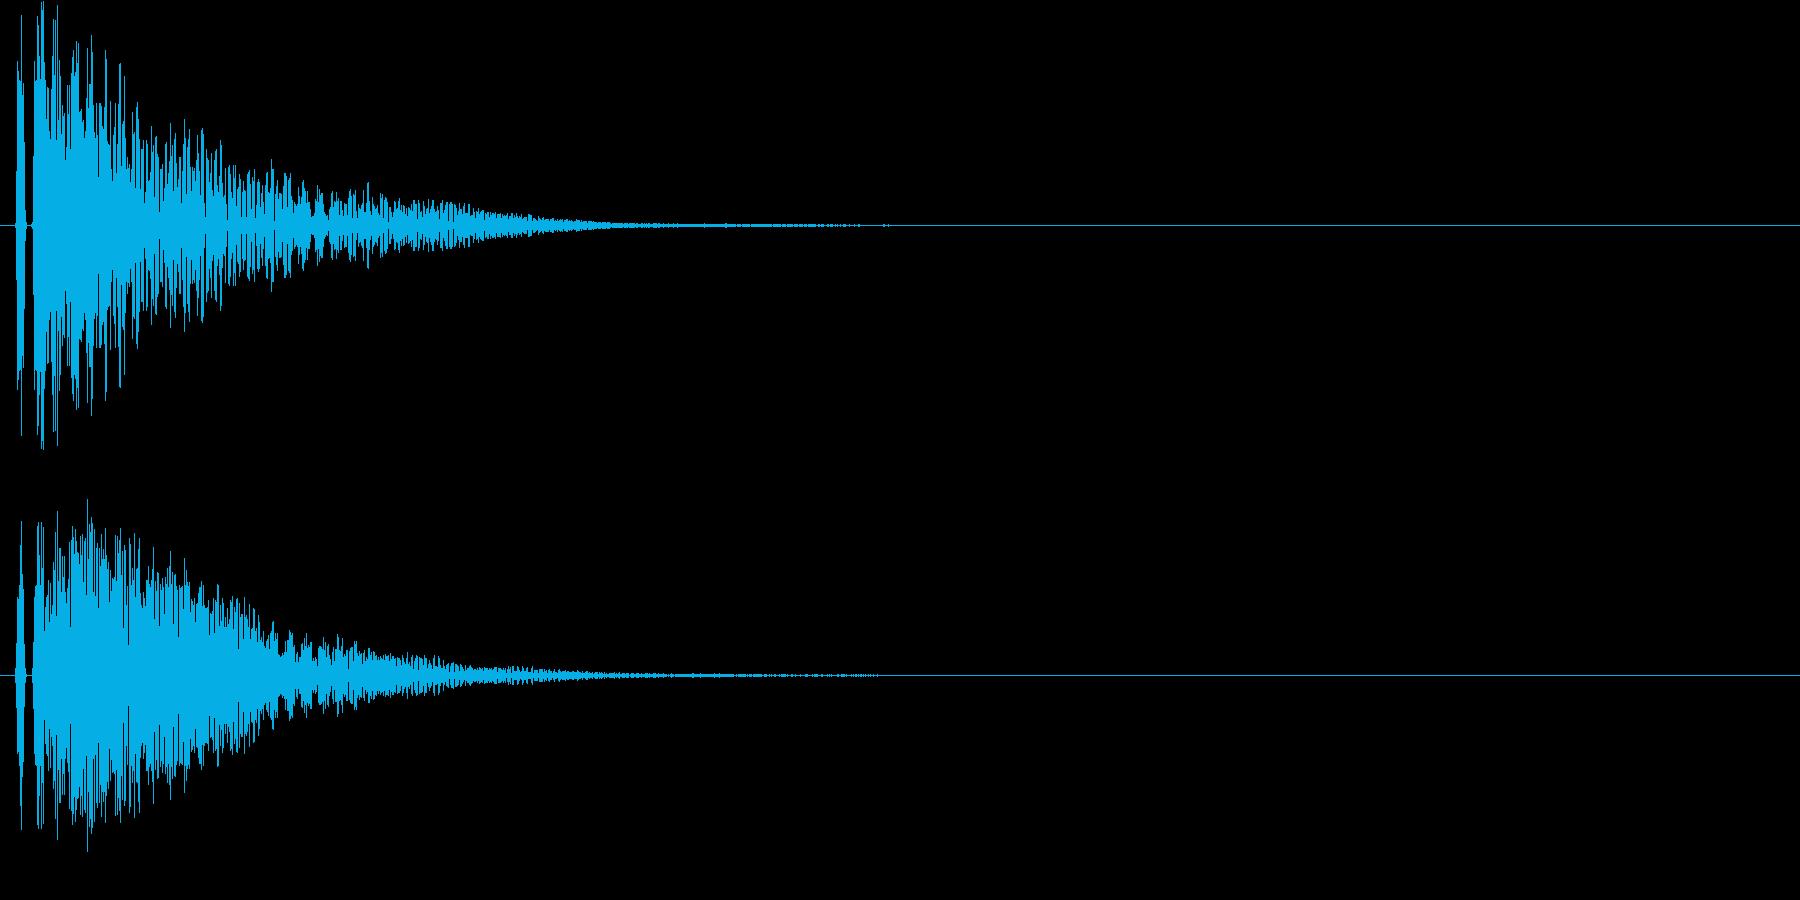 【ドン!】とてもリアルな和太鼓の効果音!の再生済みの波形